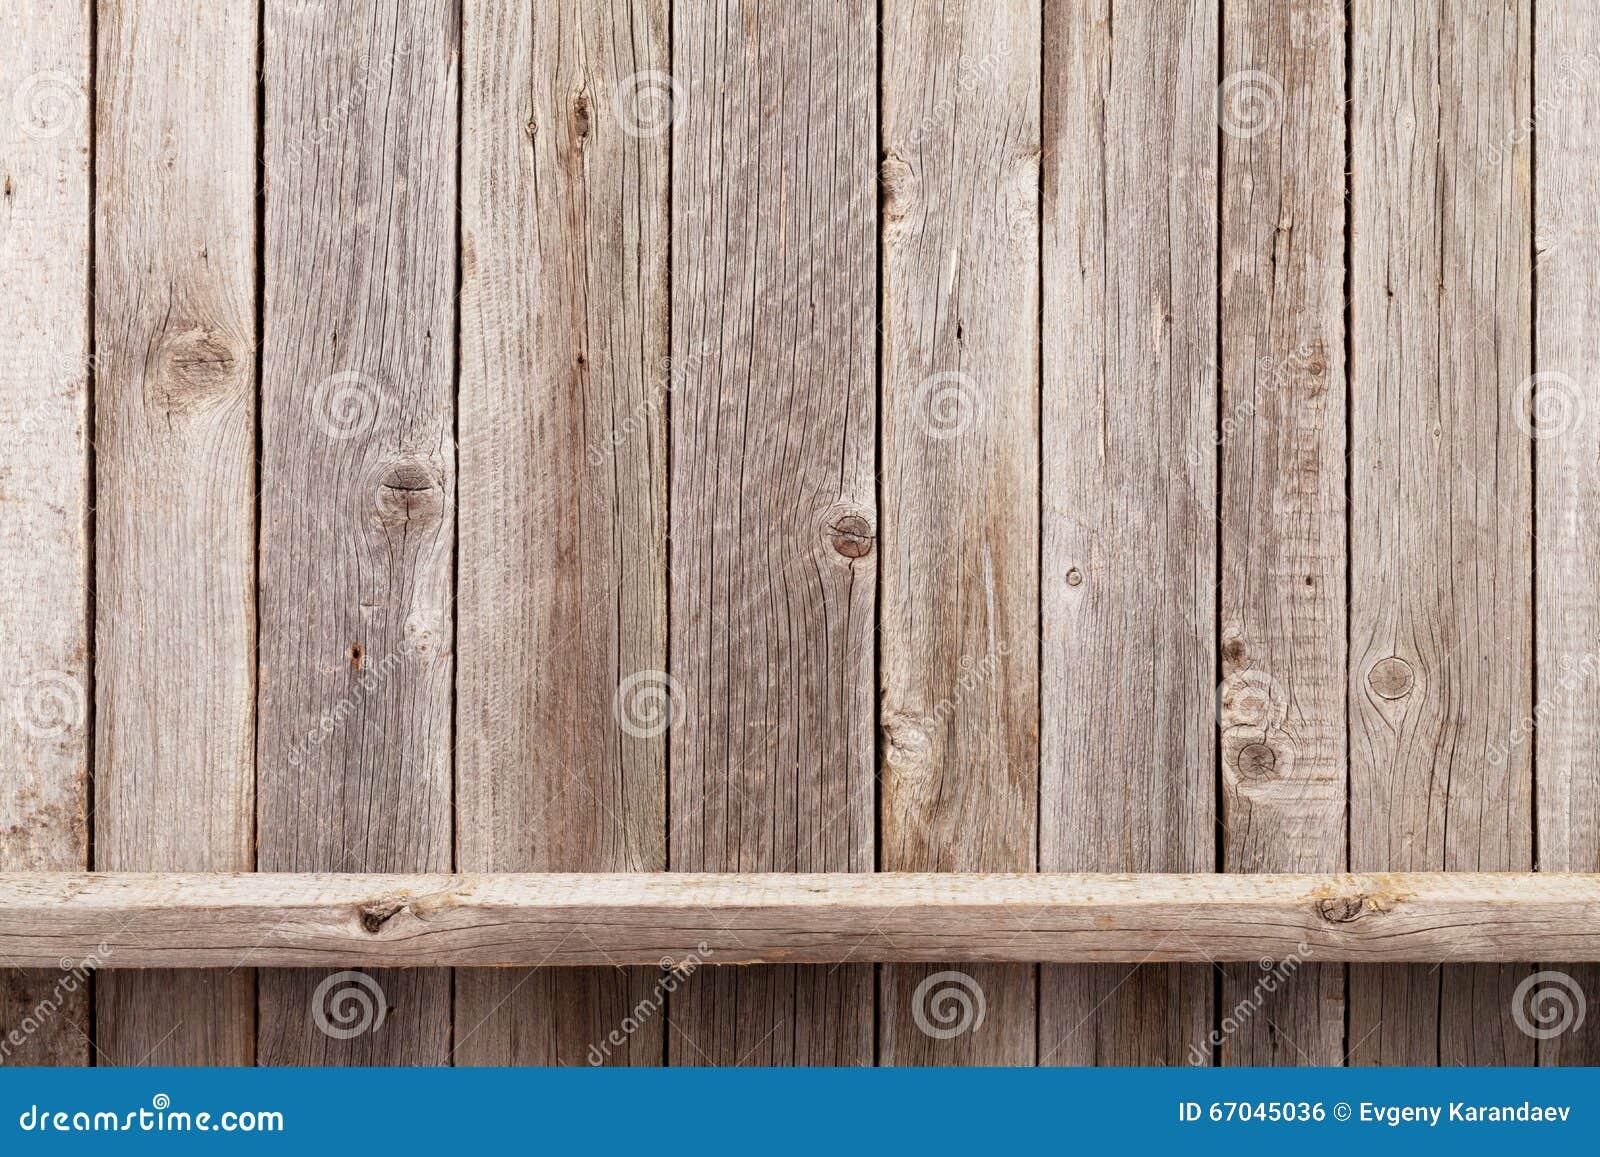 Muur Van Houten Planken.Houten Plank Voor Houten Muur Stock Foto Afbeelding Bestaande Uit